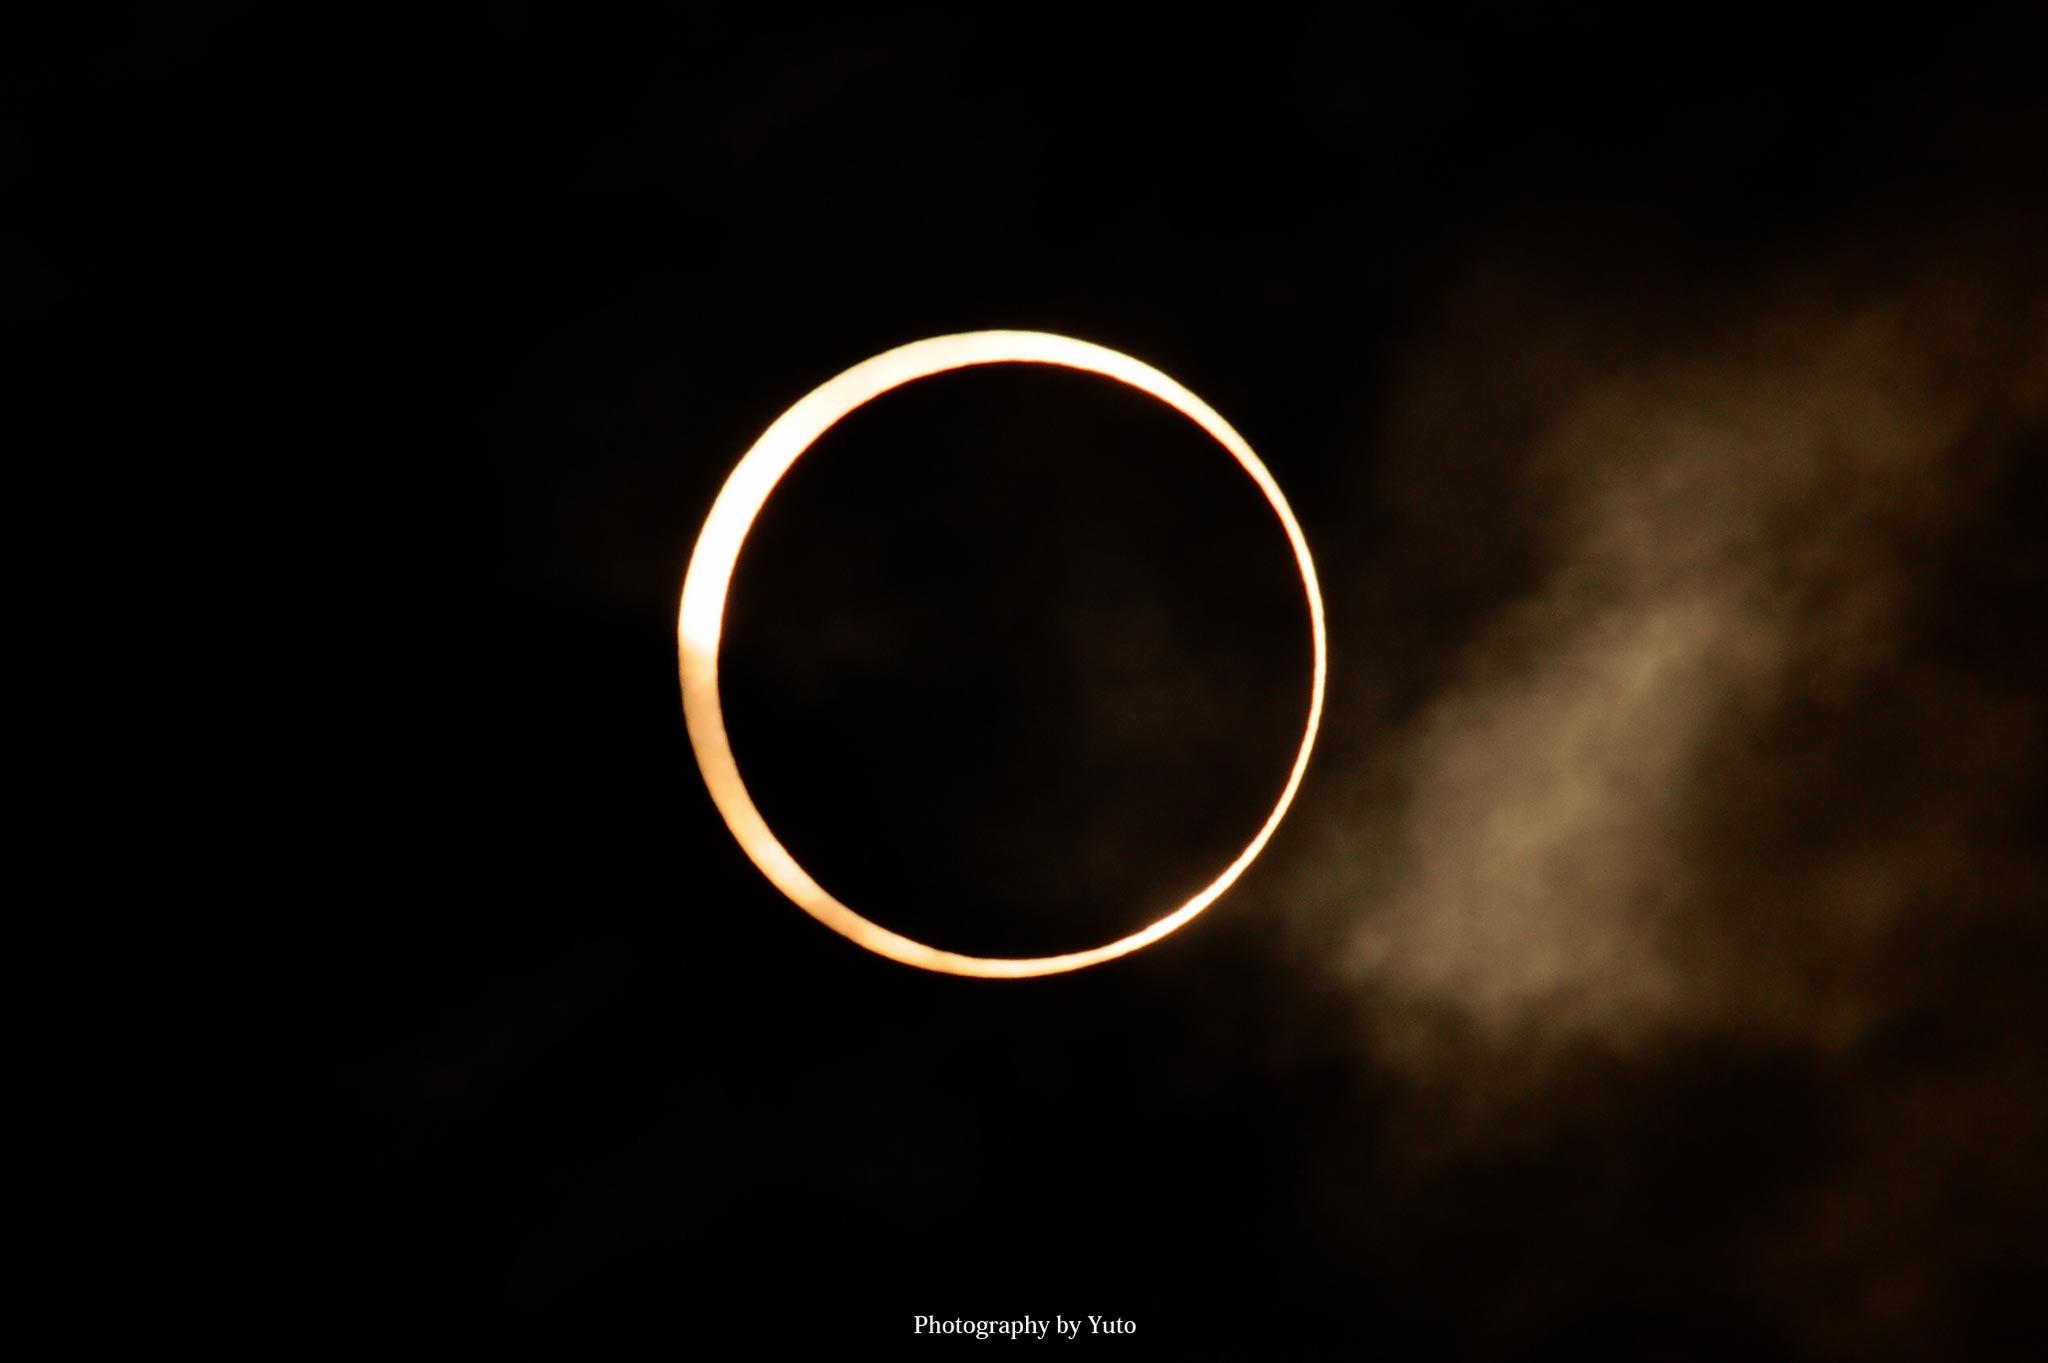 金環日食の撮り方 初心者でも撮れる 準備するものと撮影方法をまとめました